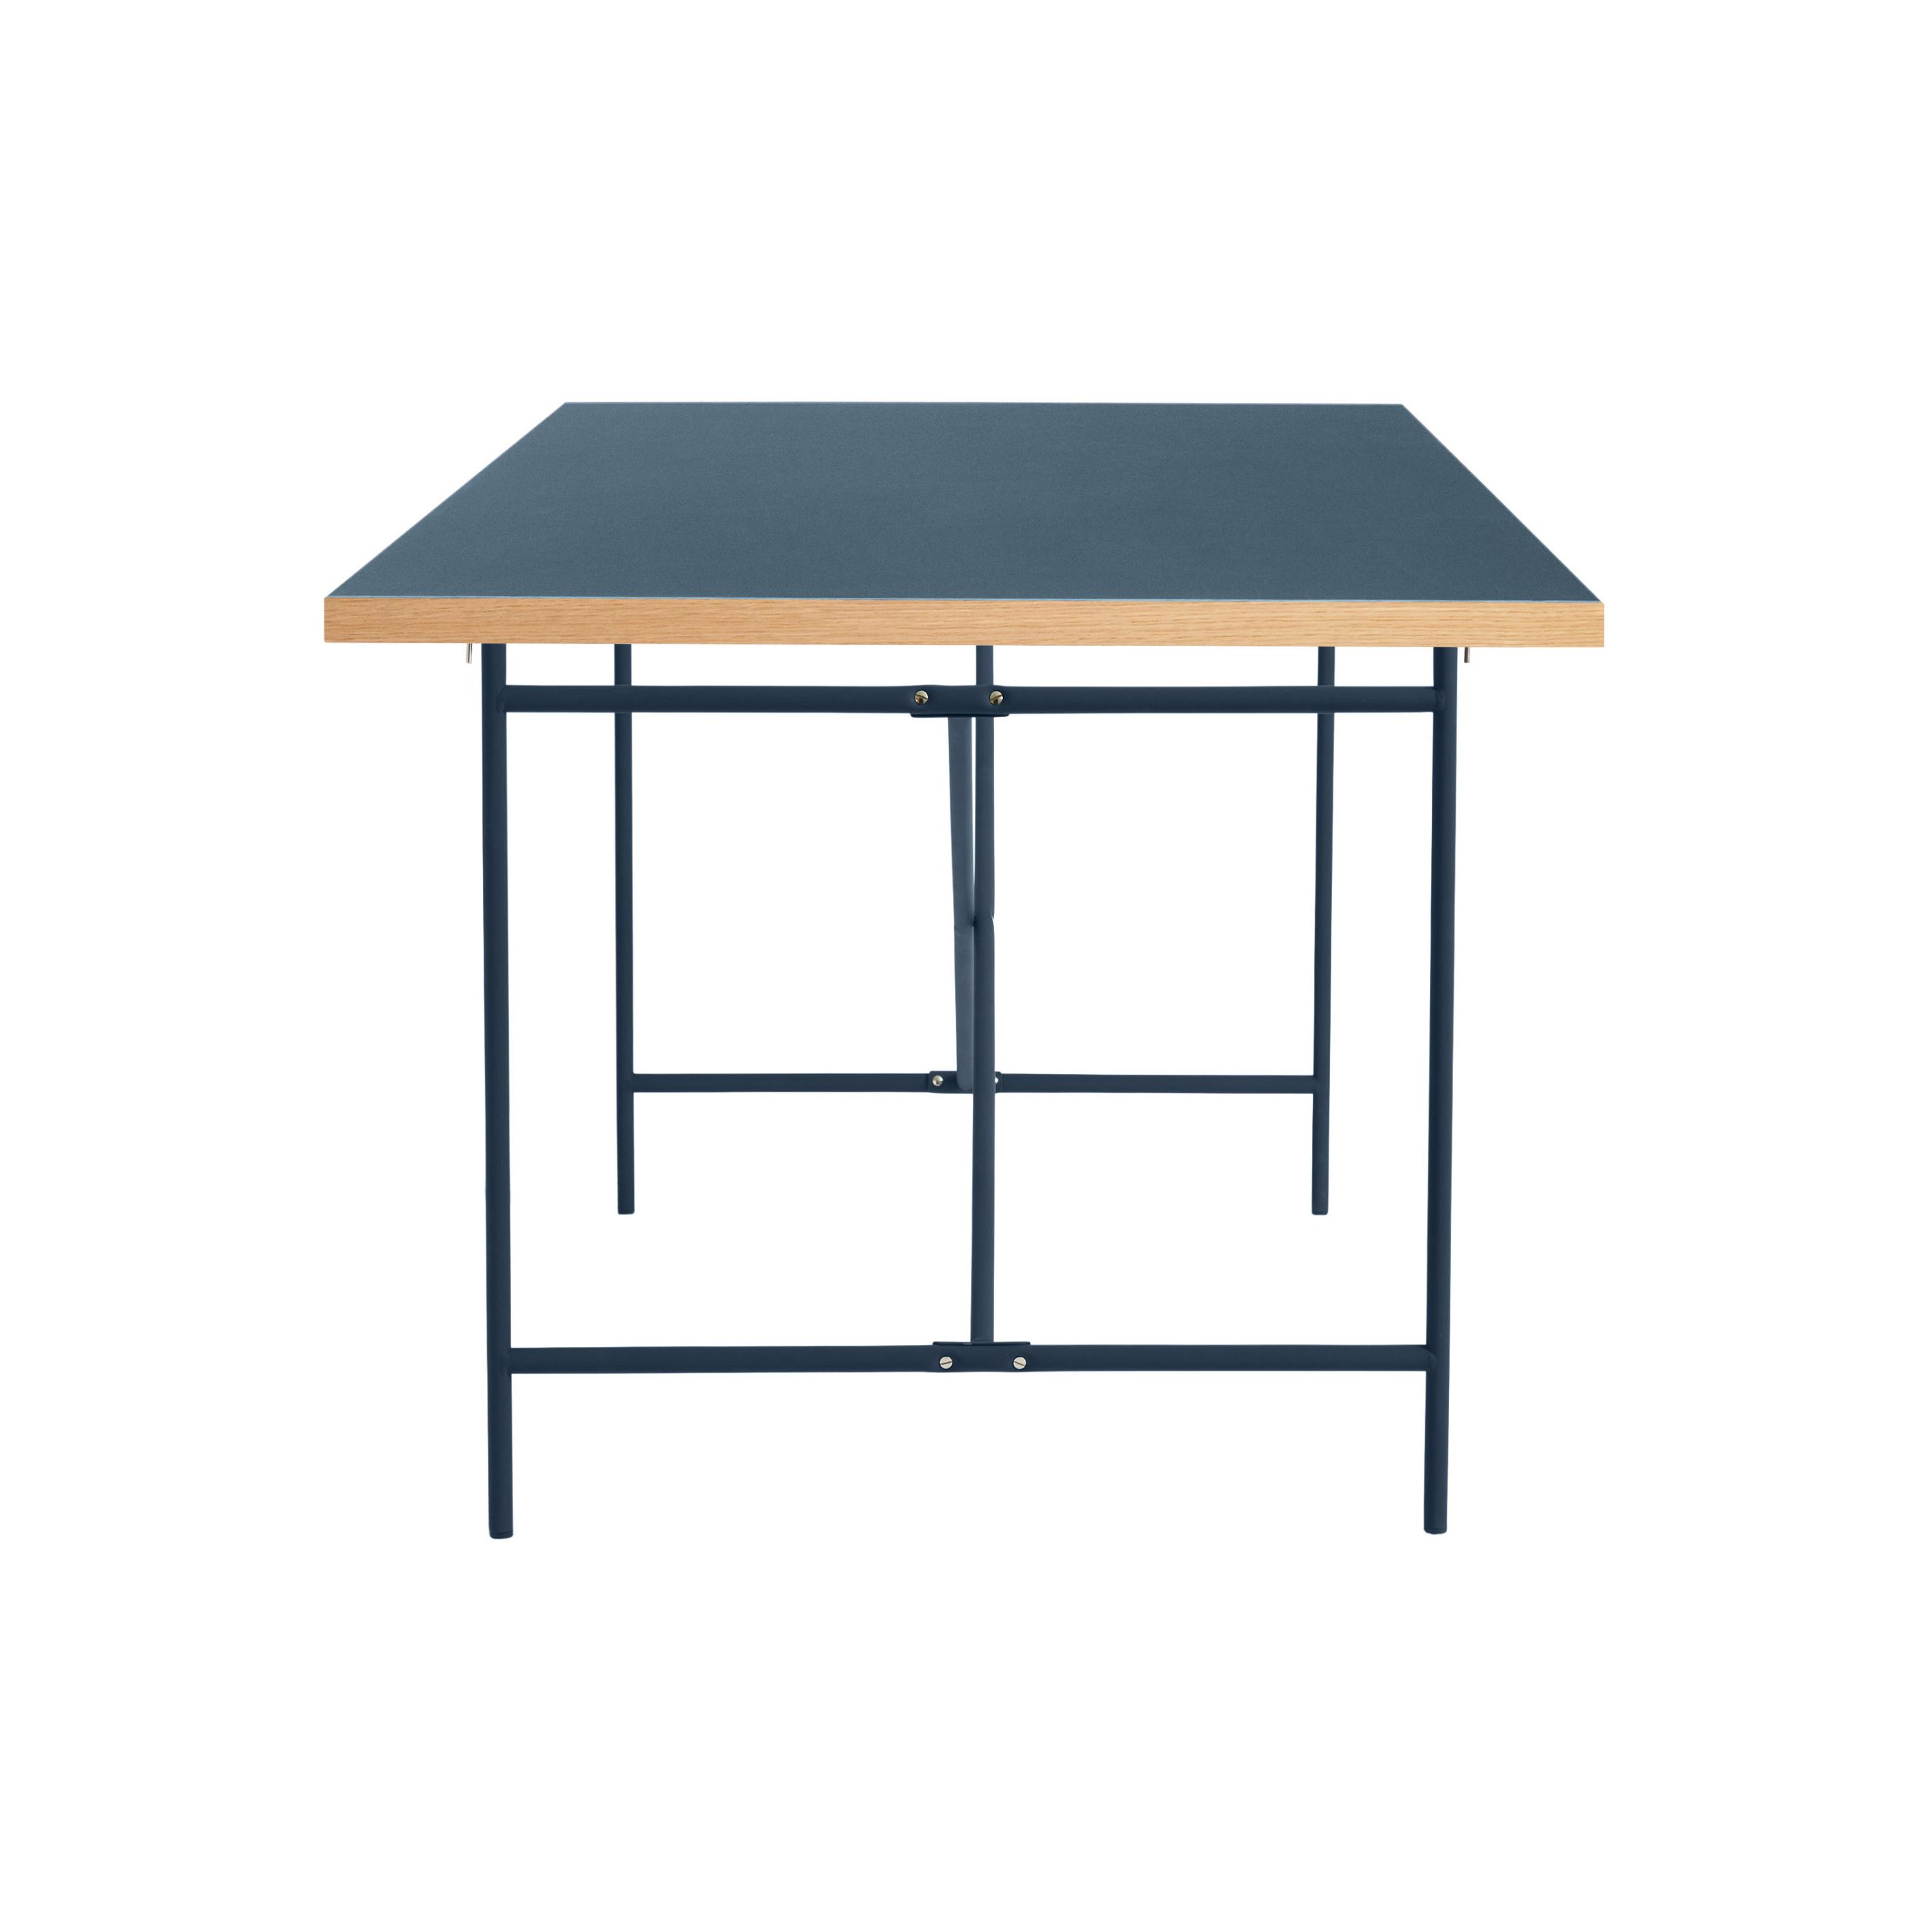 Eiermann 2 Dining Table 180 x 90